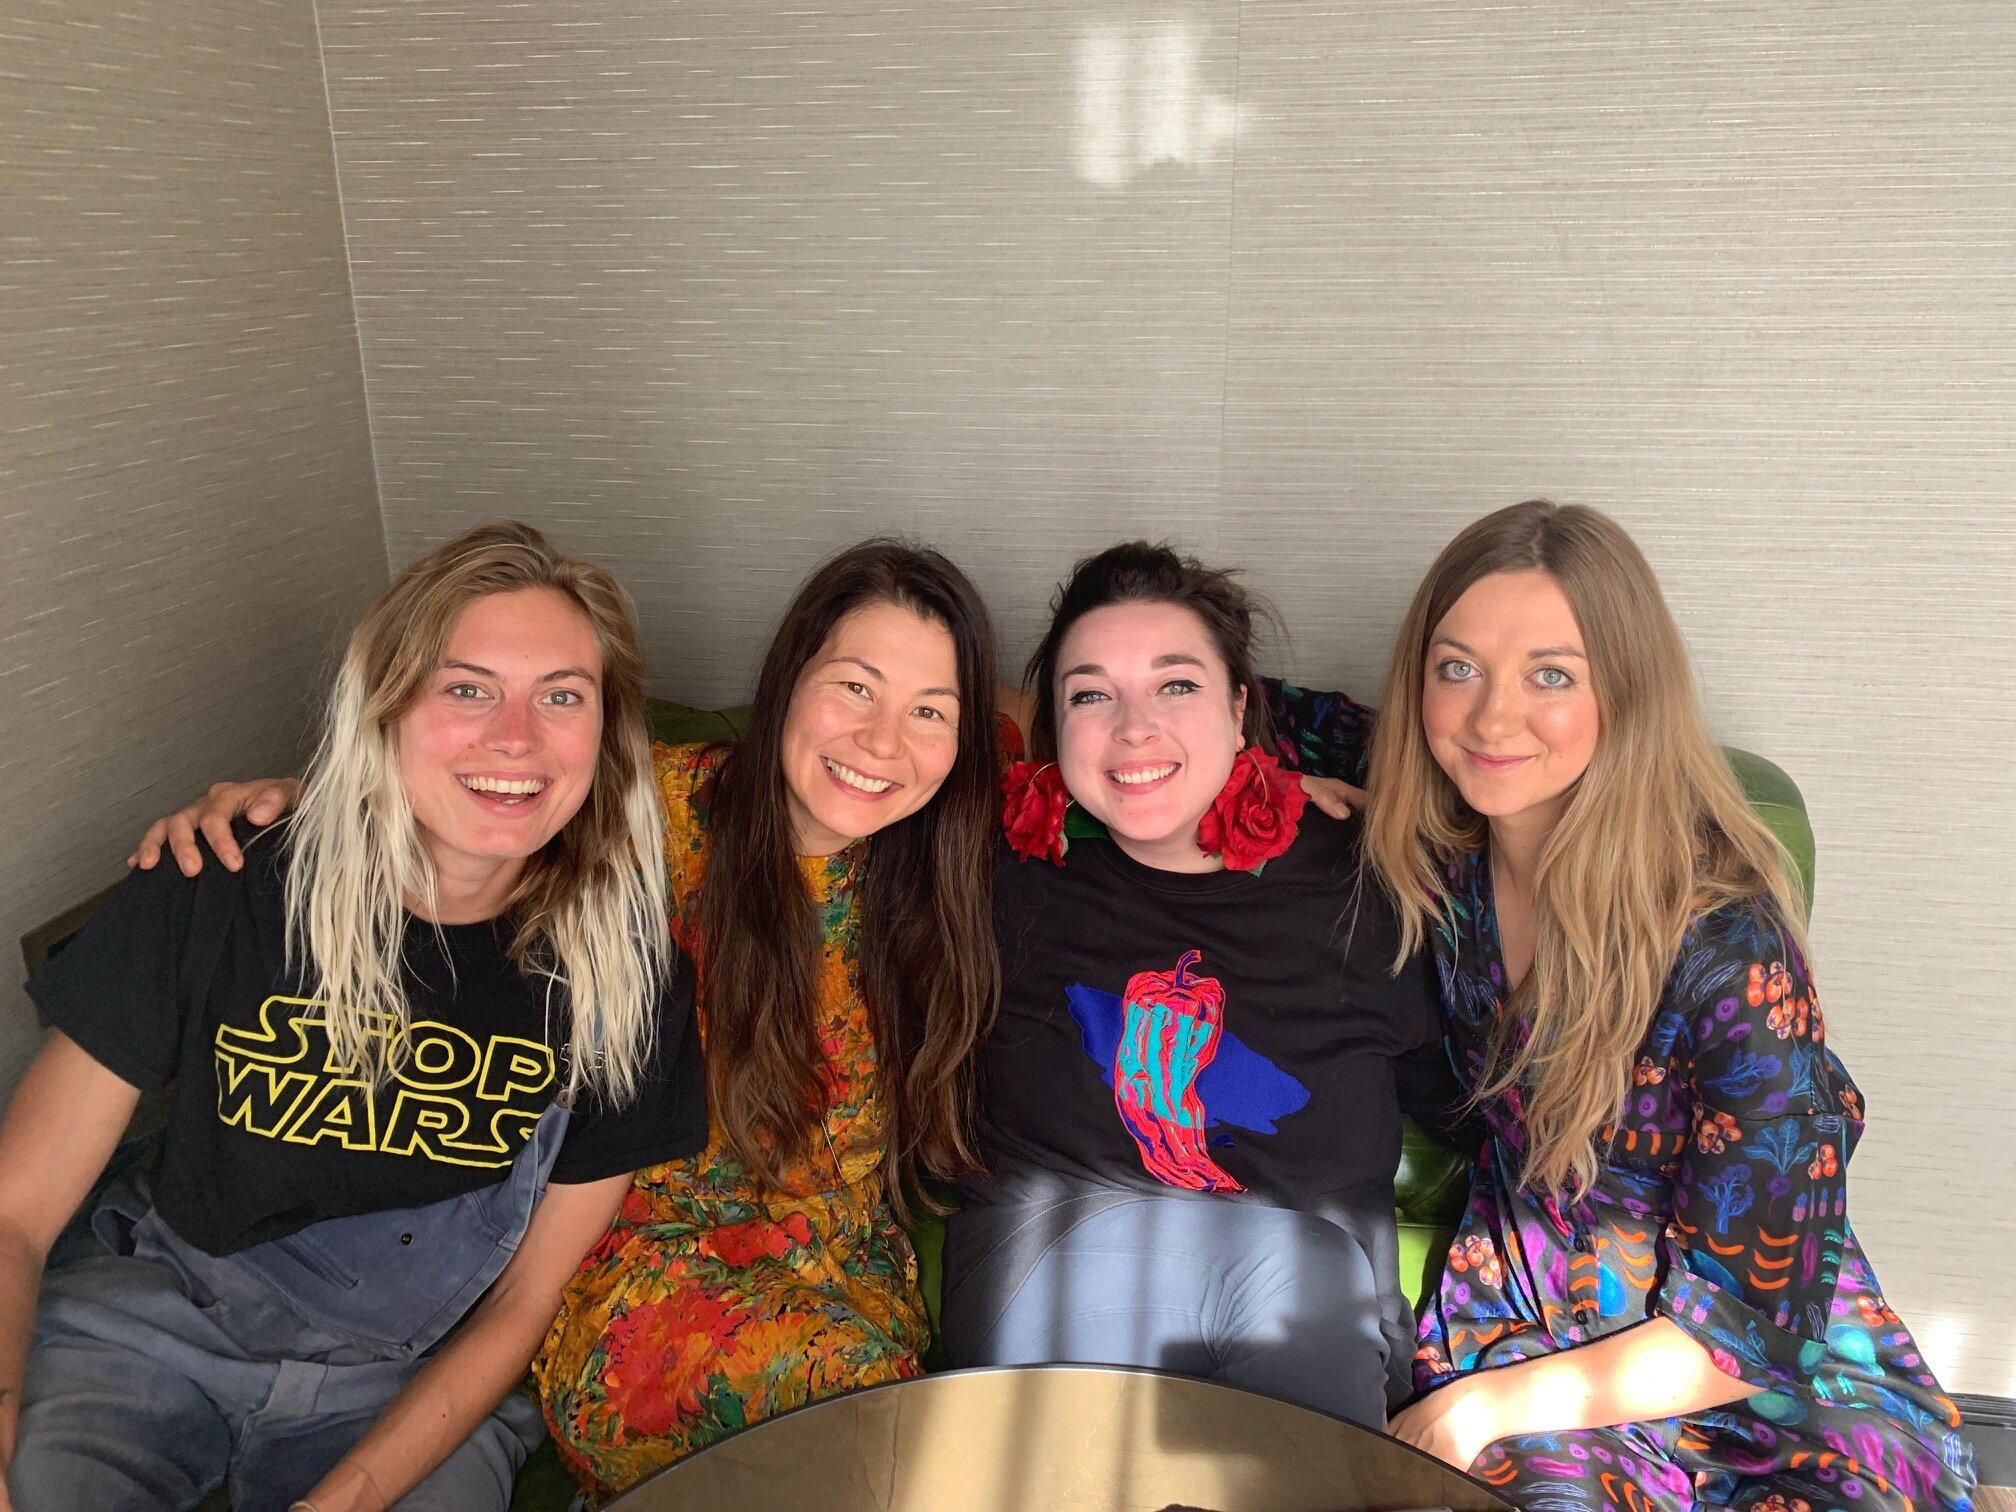 Left to right: Abi Aspen Glencross, Sara Kiyo Popowa, Sophie Dunster, Lauren Lovatt